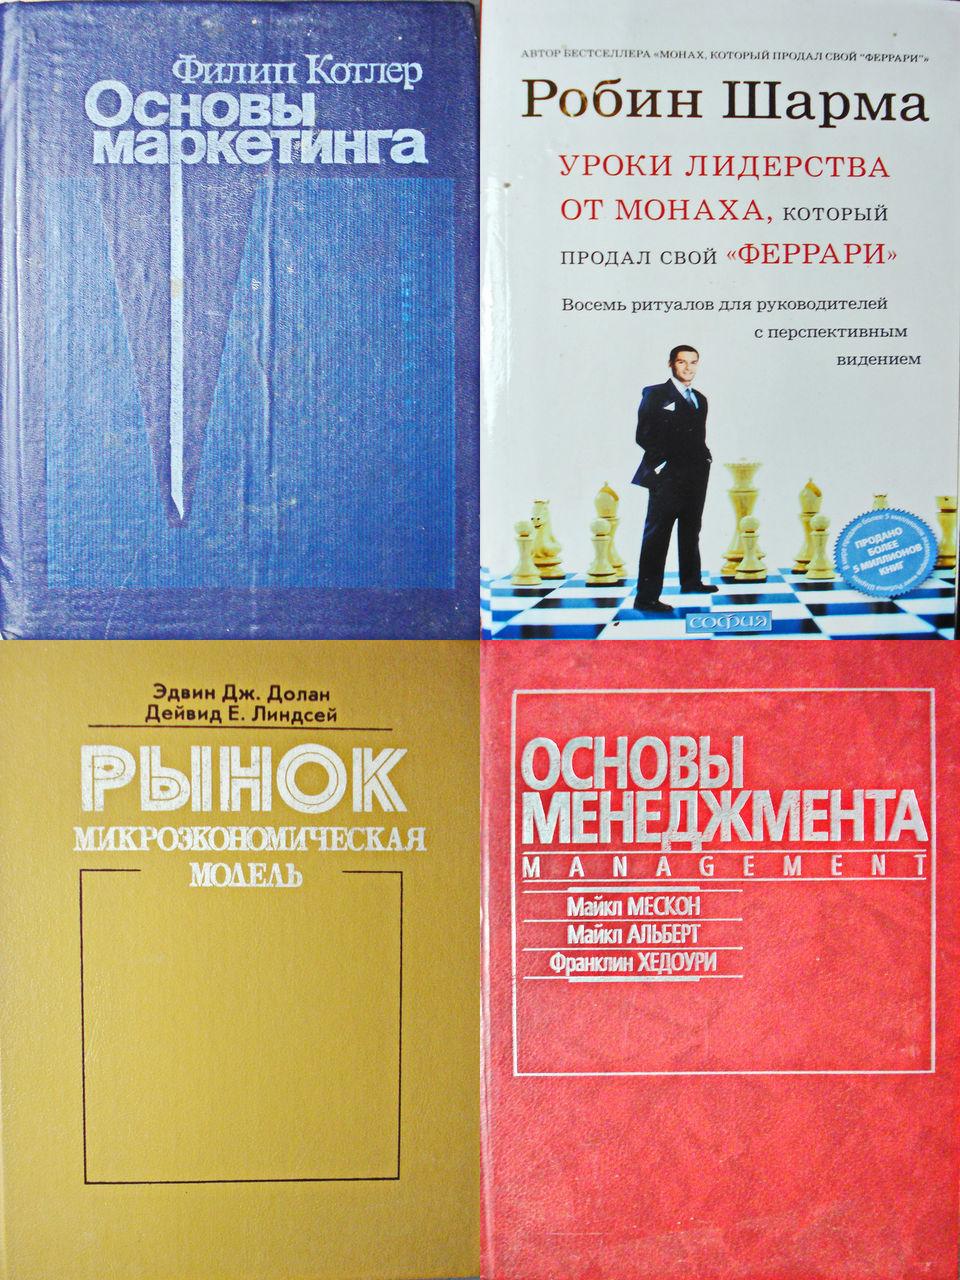 философский словарь под редакцией фролова